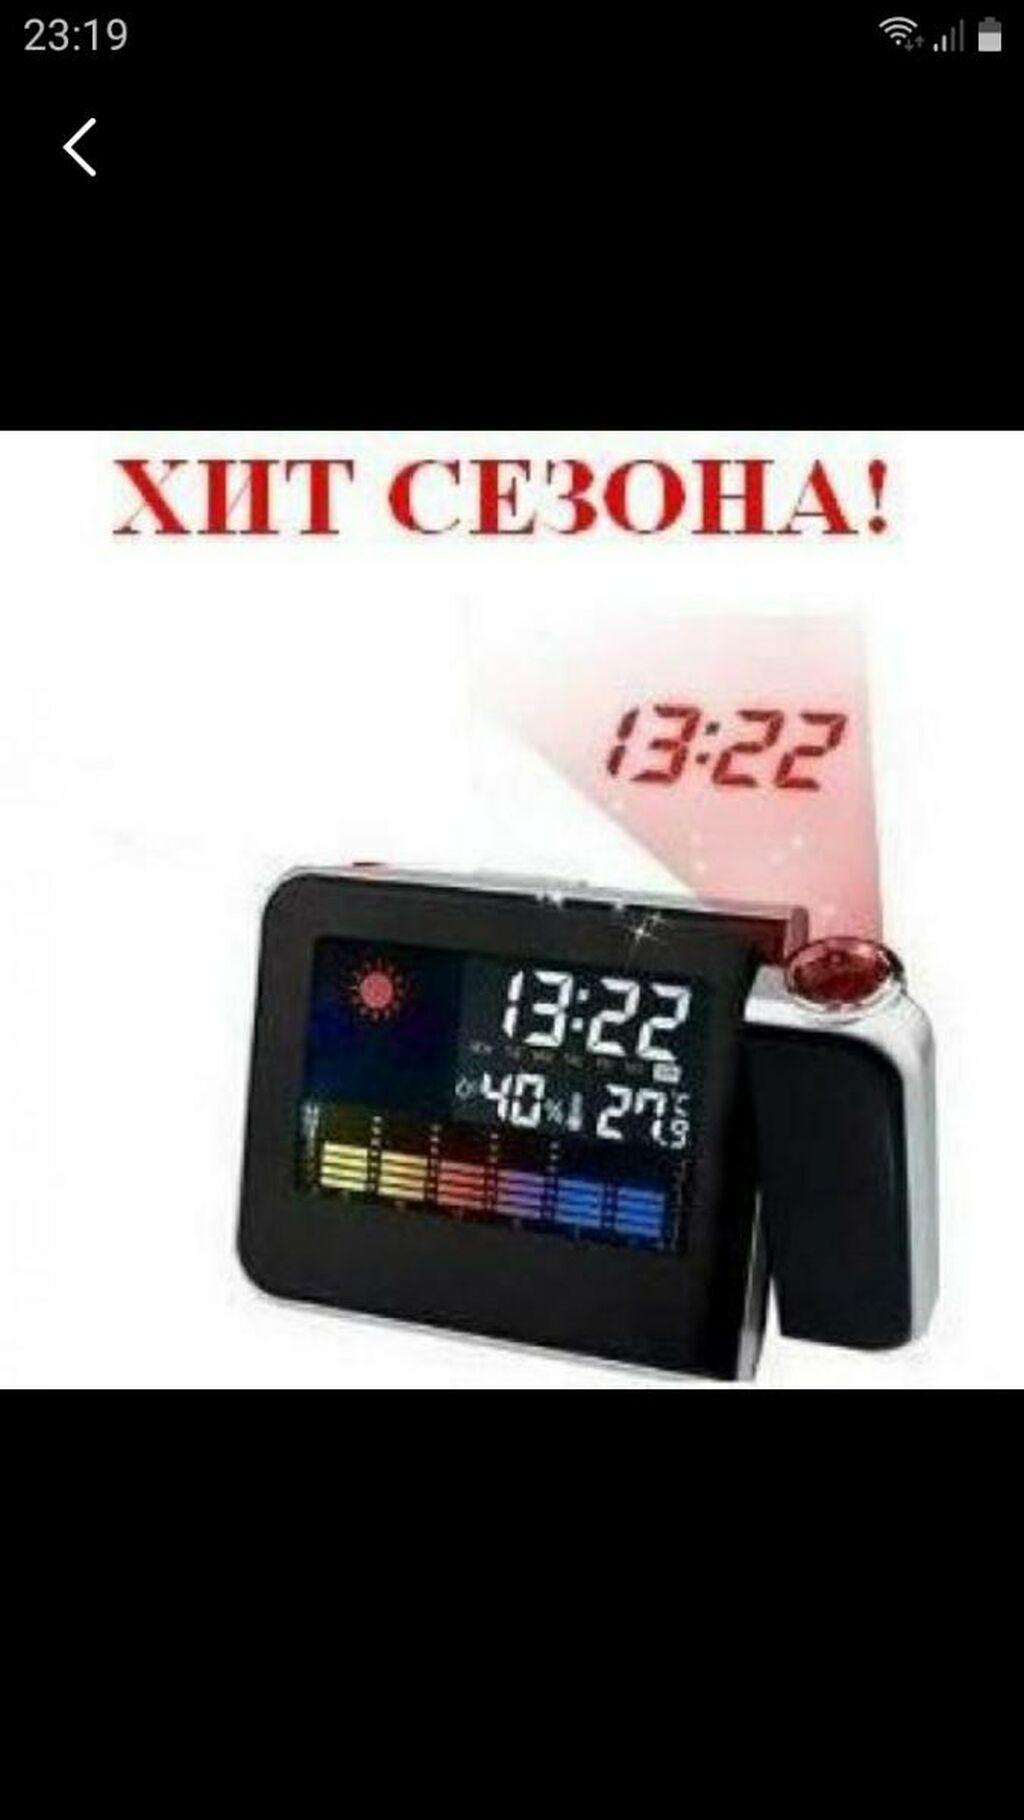 Часы продать бу проекционные сдать через сколько мочу часов